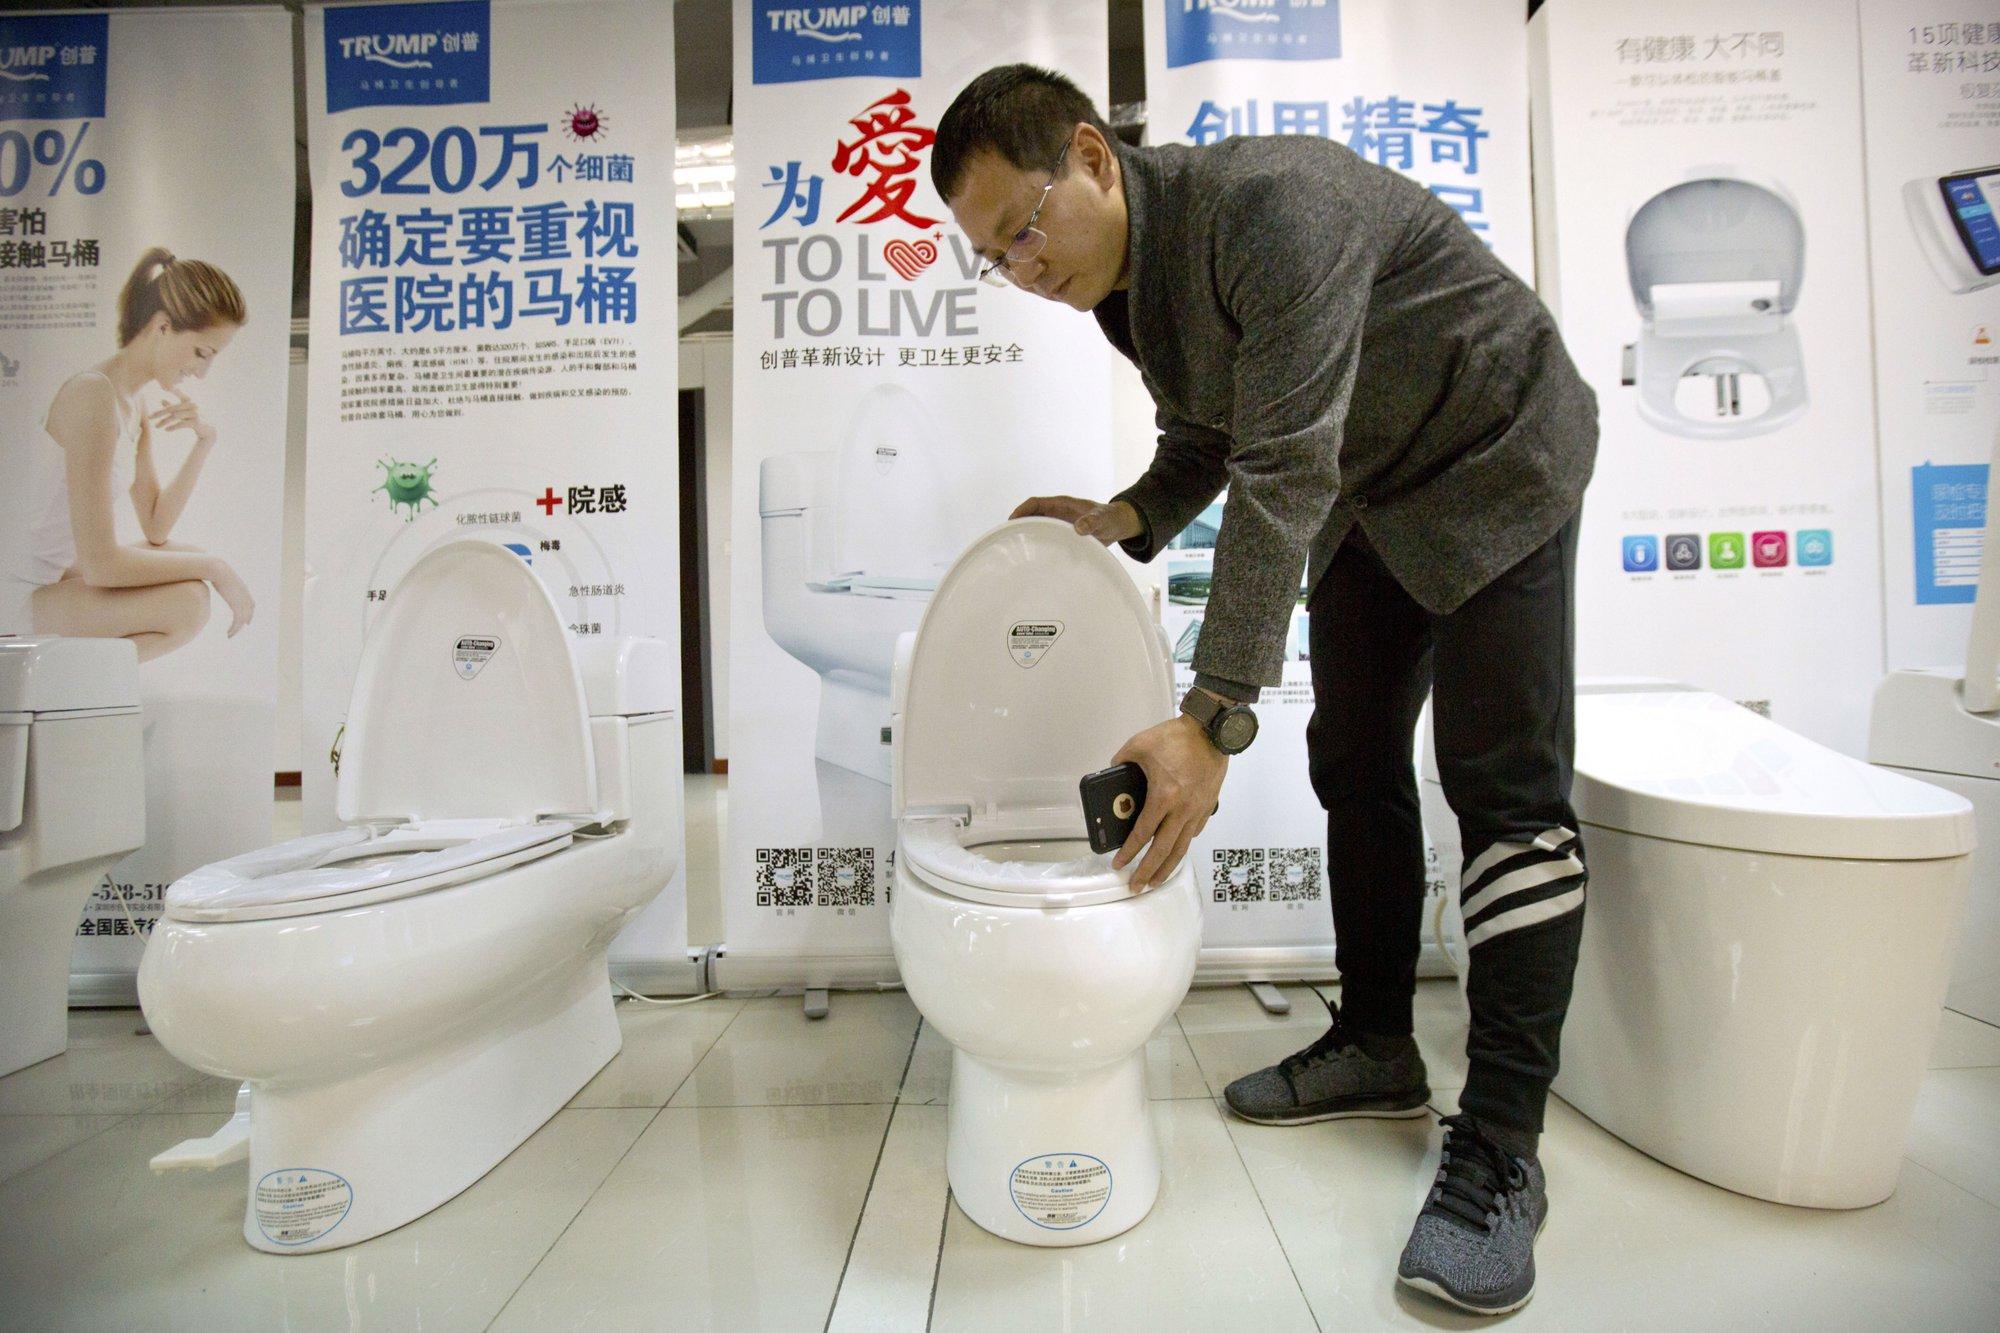 Bbw in toilet again